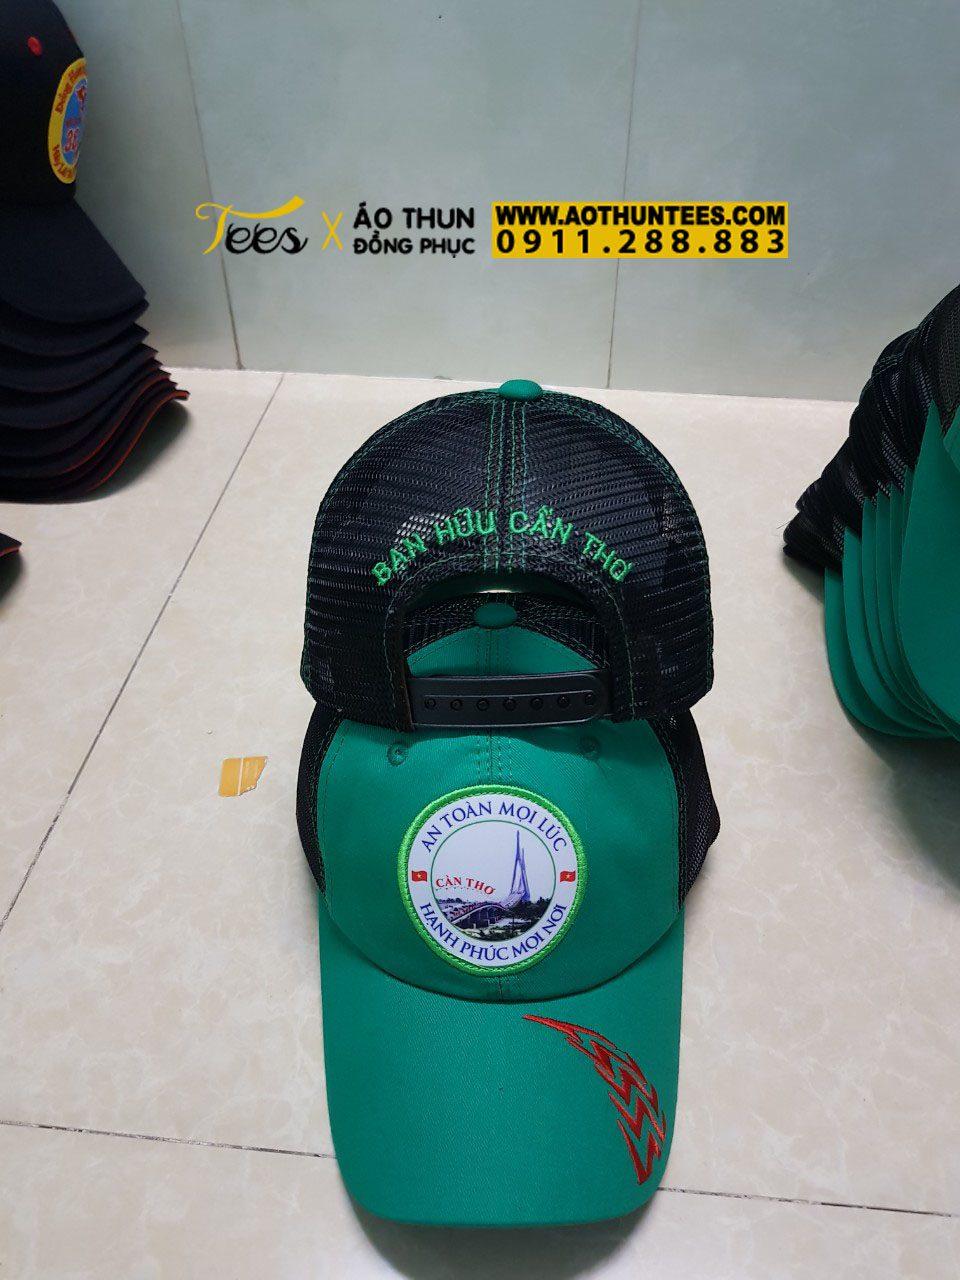 de050e6773b194efcda0 - Giới thiệu về đồng phục nón